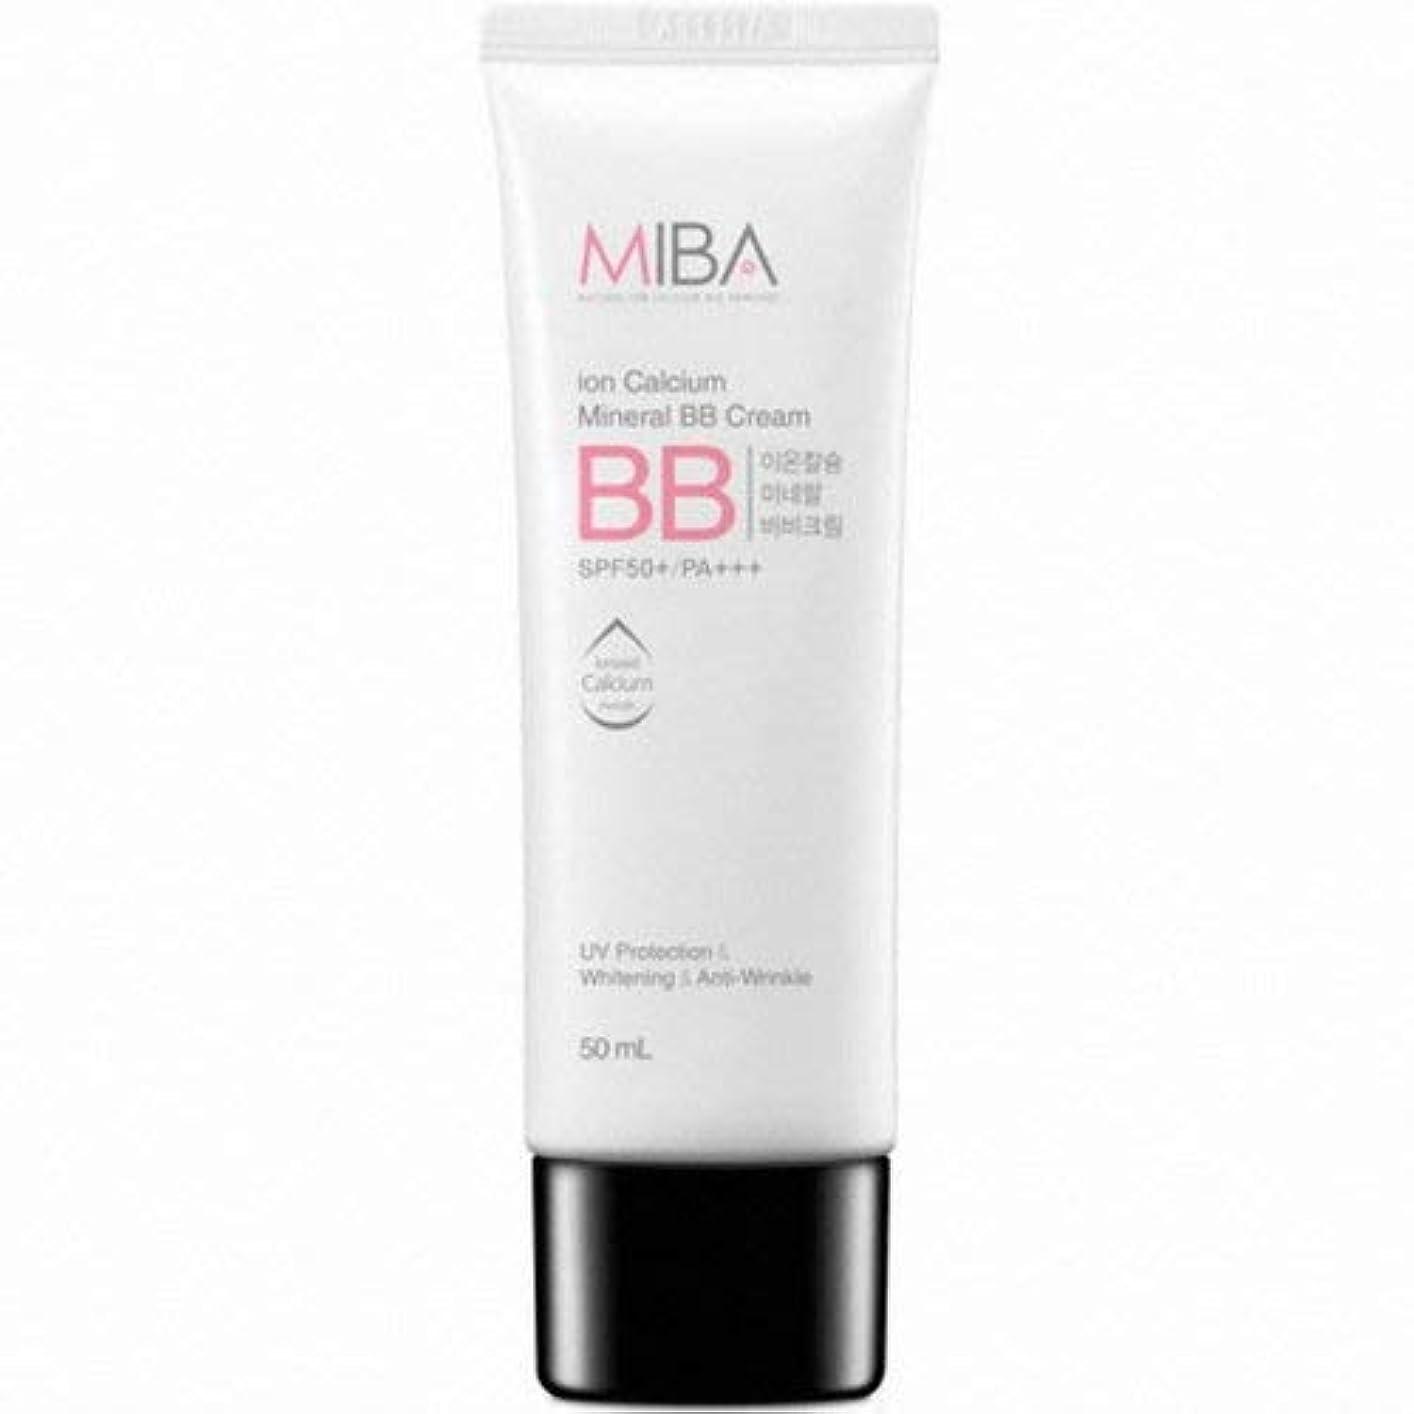 オリエントメディカル永久MINERALBIO ミバ イオン カルシウム ミネラル ビビクリーム/MIBA Ion Calcium Mineral BB Cream (50ml) [並行輸入品]